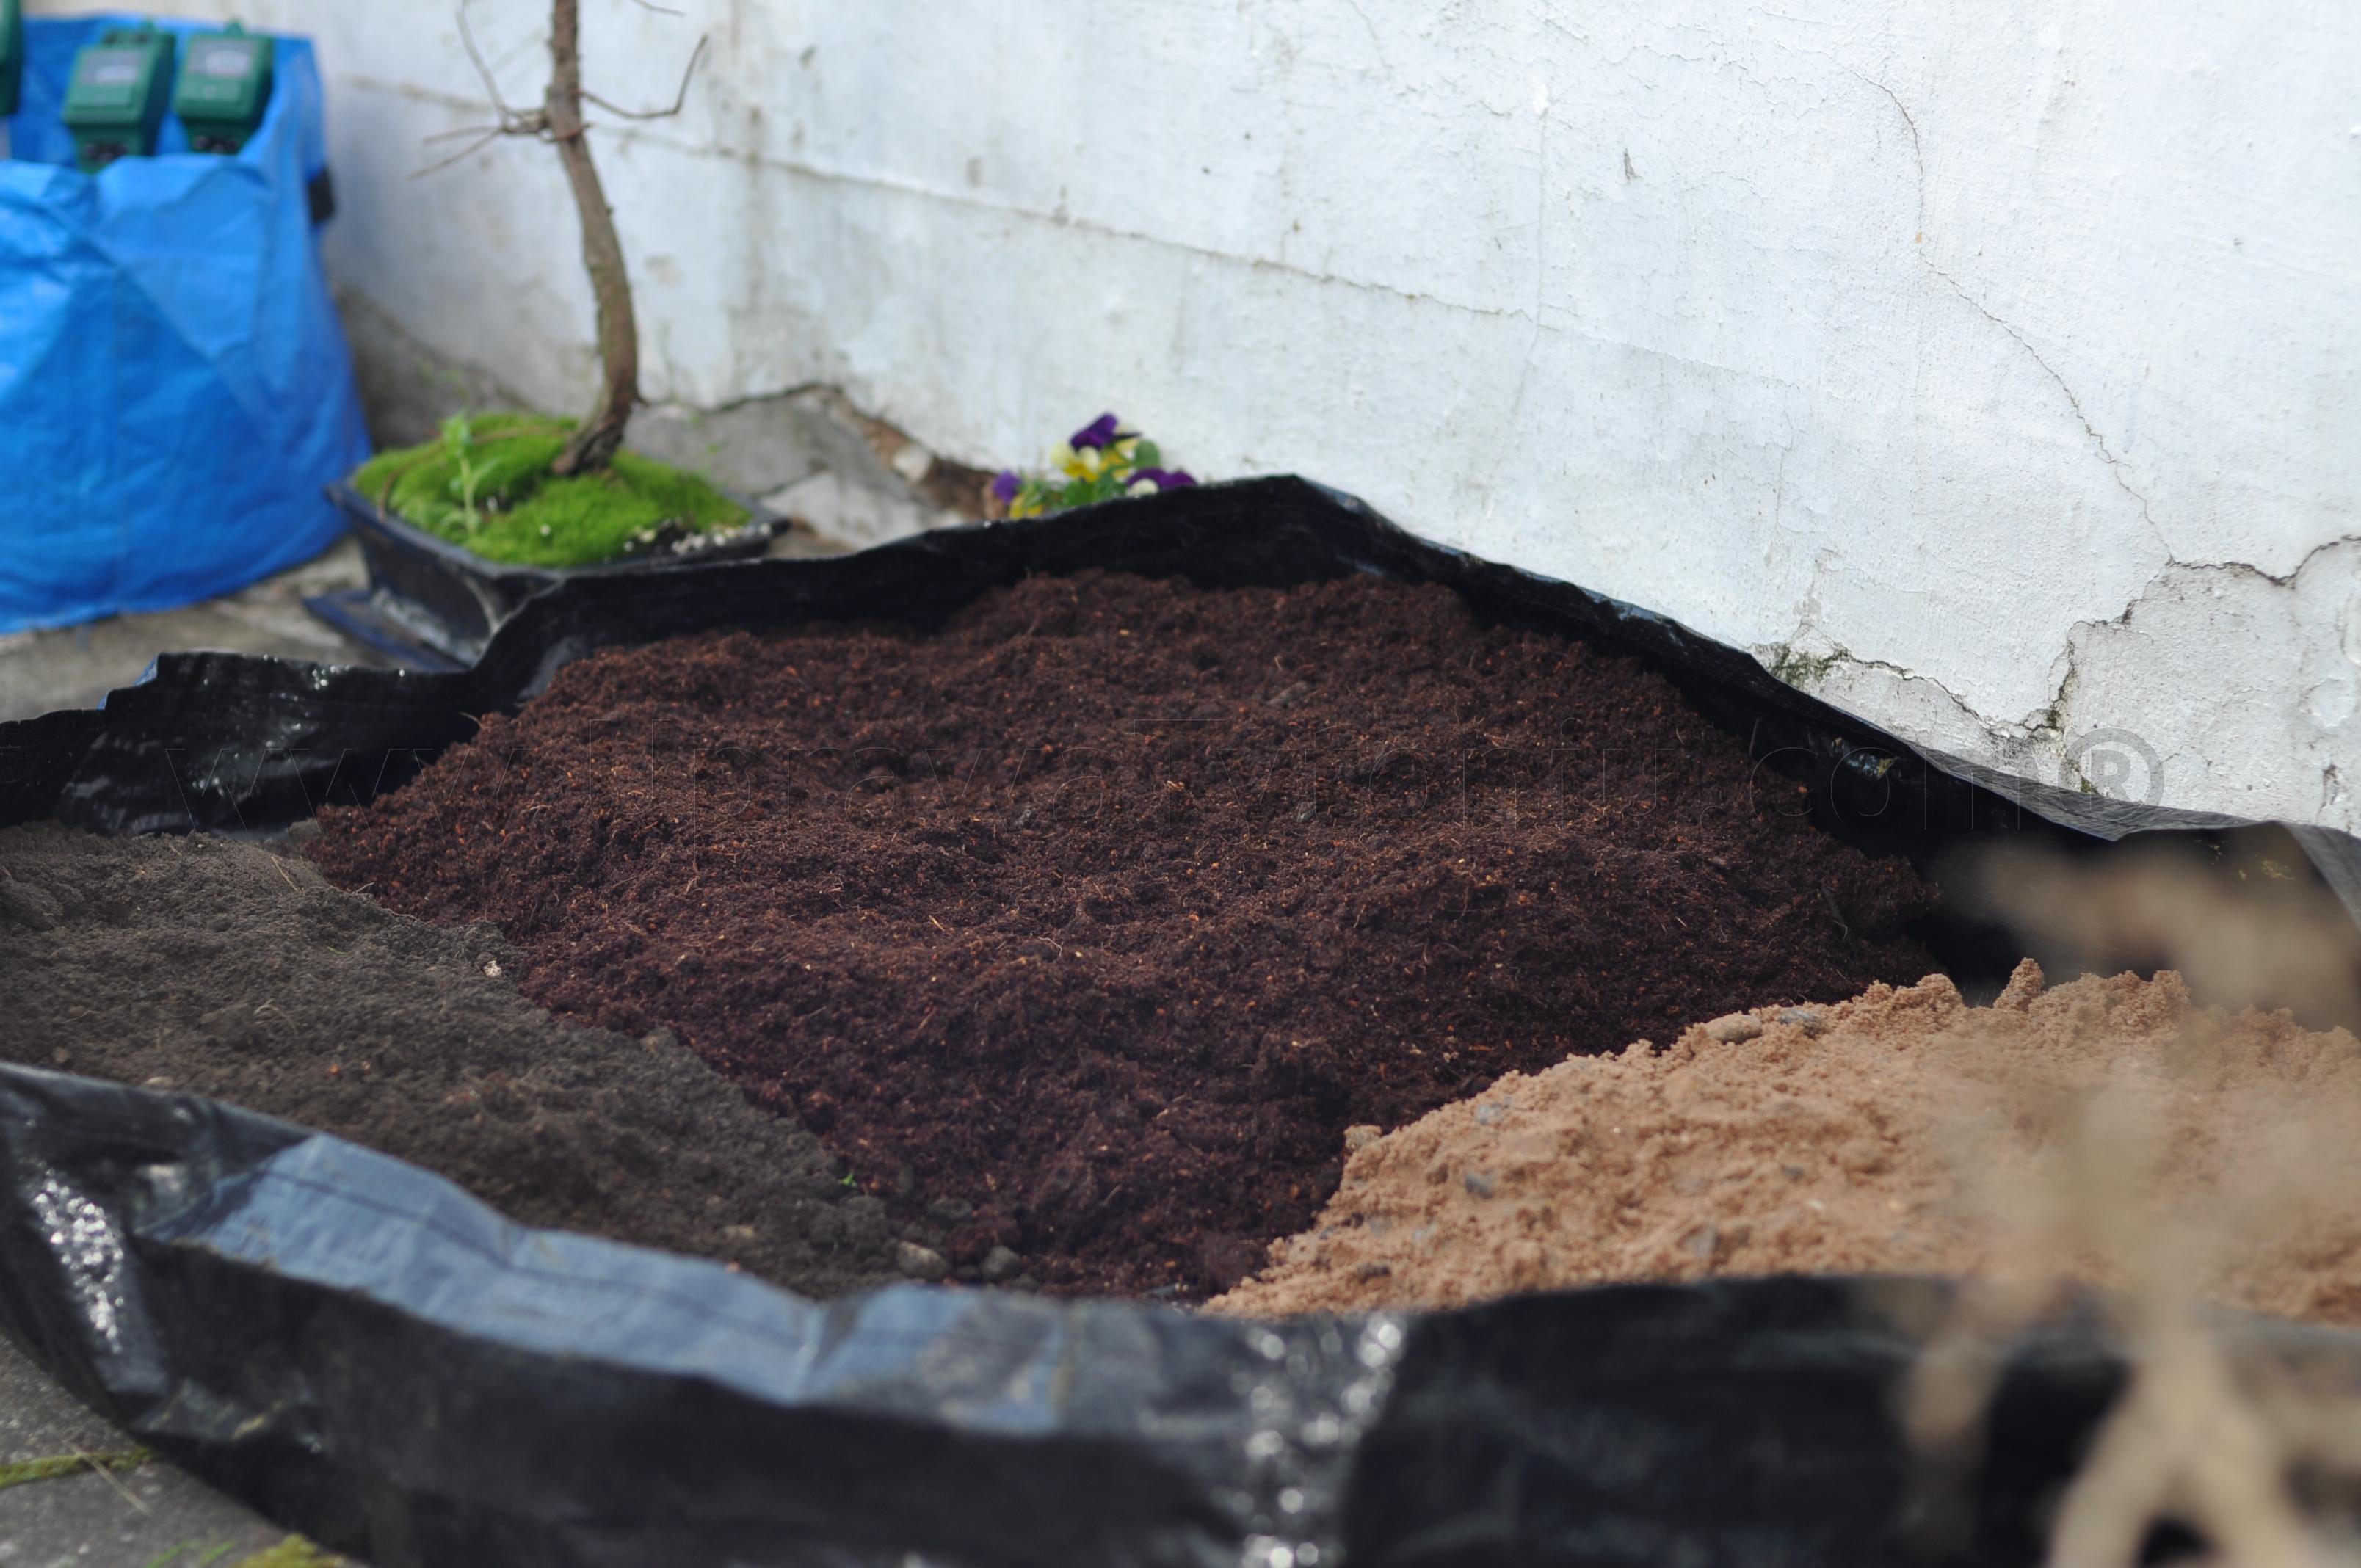 preparing soil for tobacco